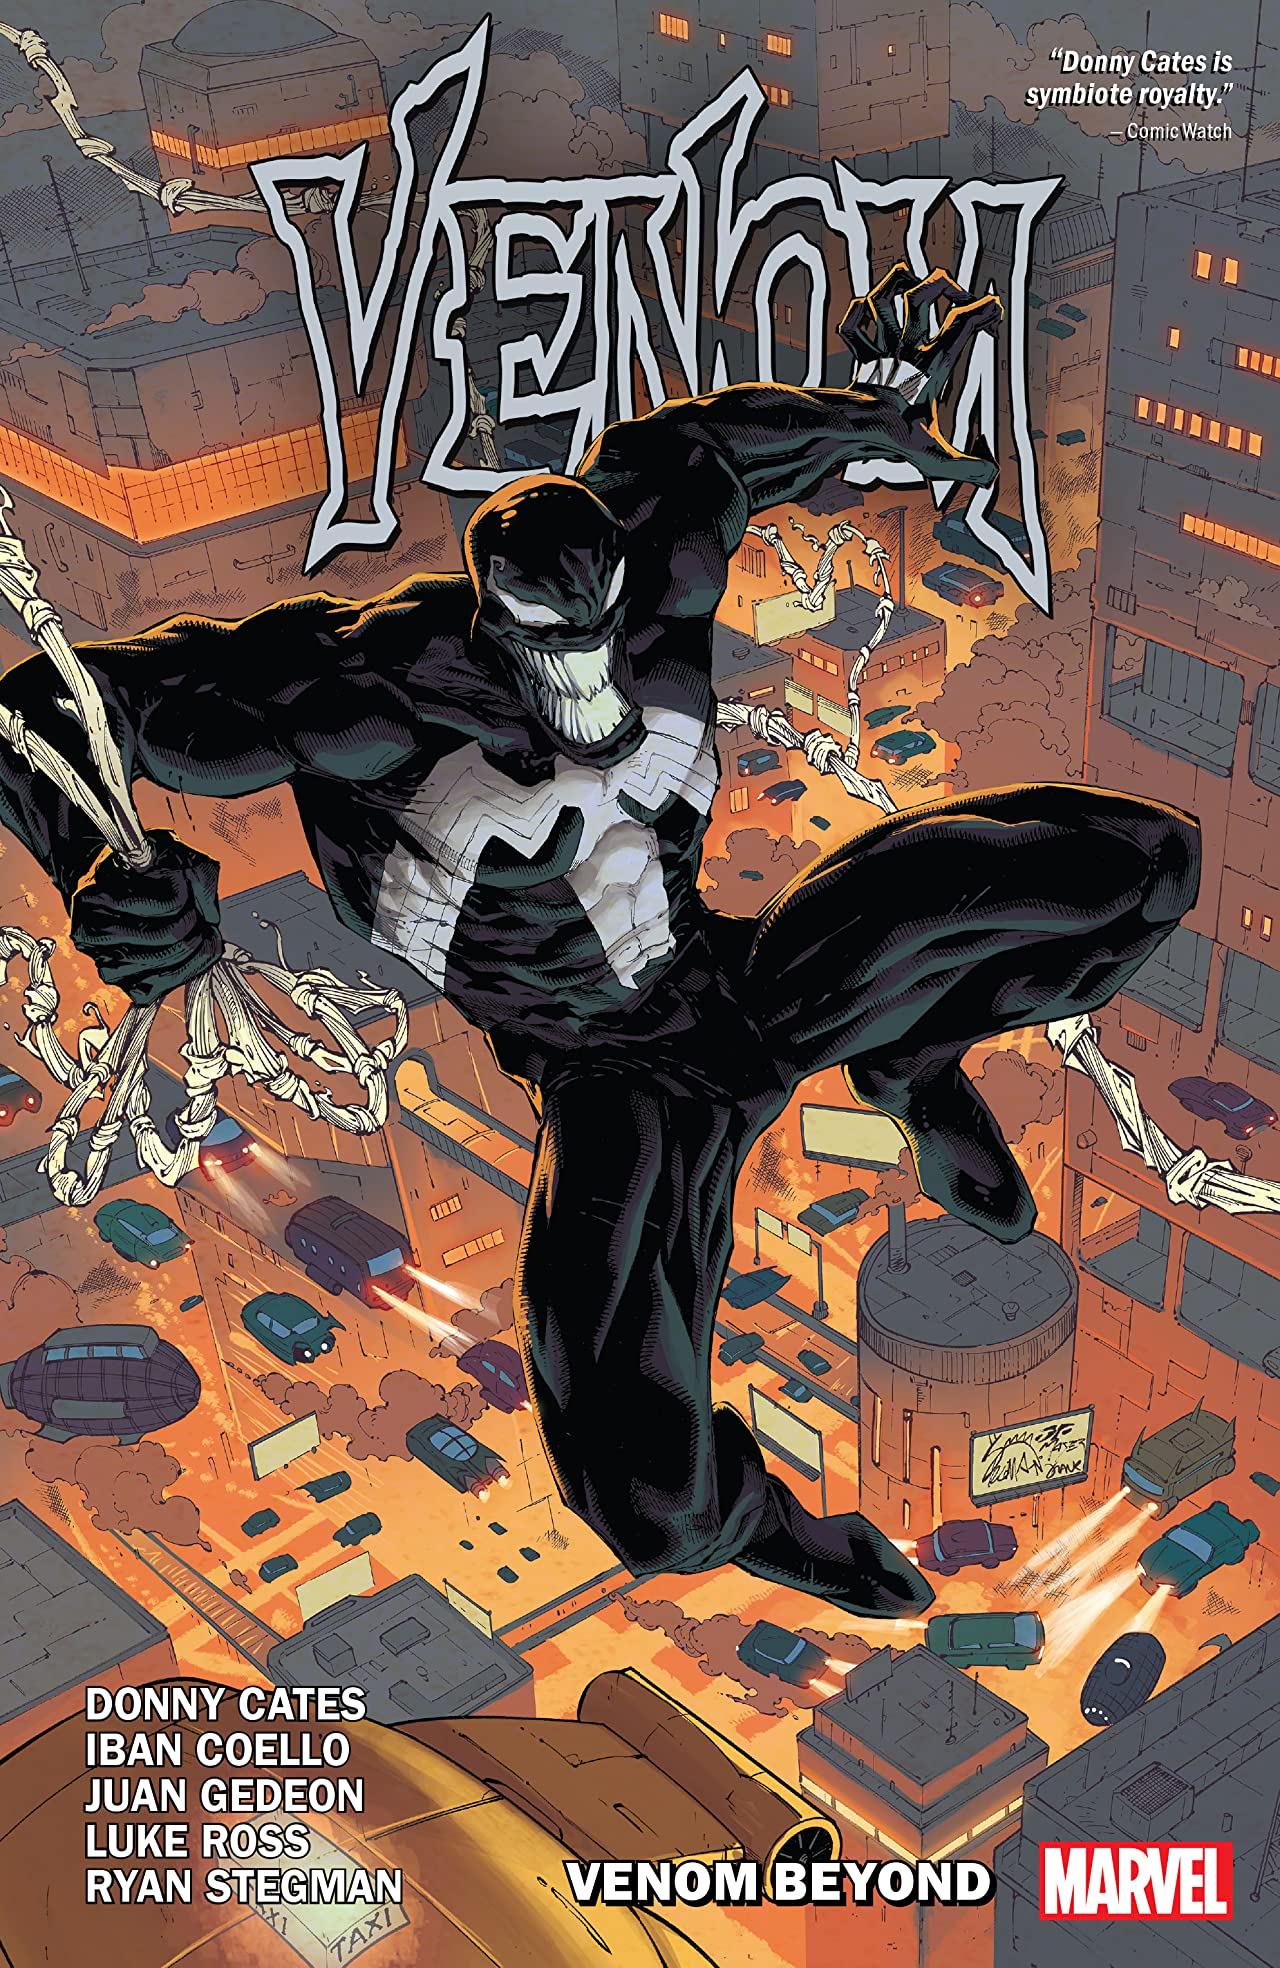 Venom by Donny Cates Vol. 5: Venom Beyond (Trade Paperback)